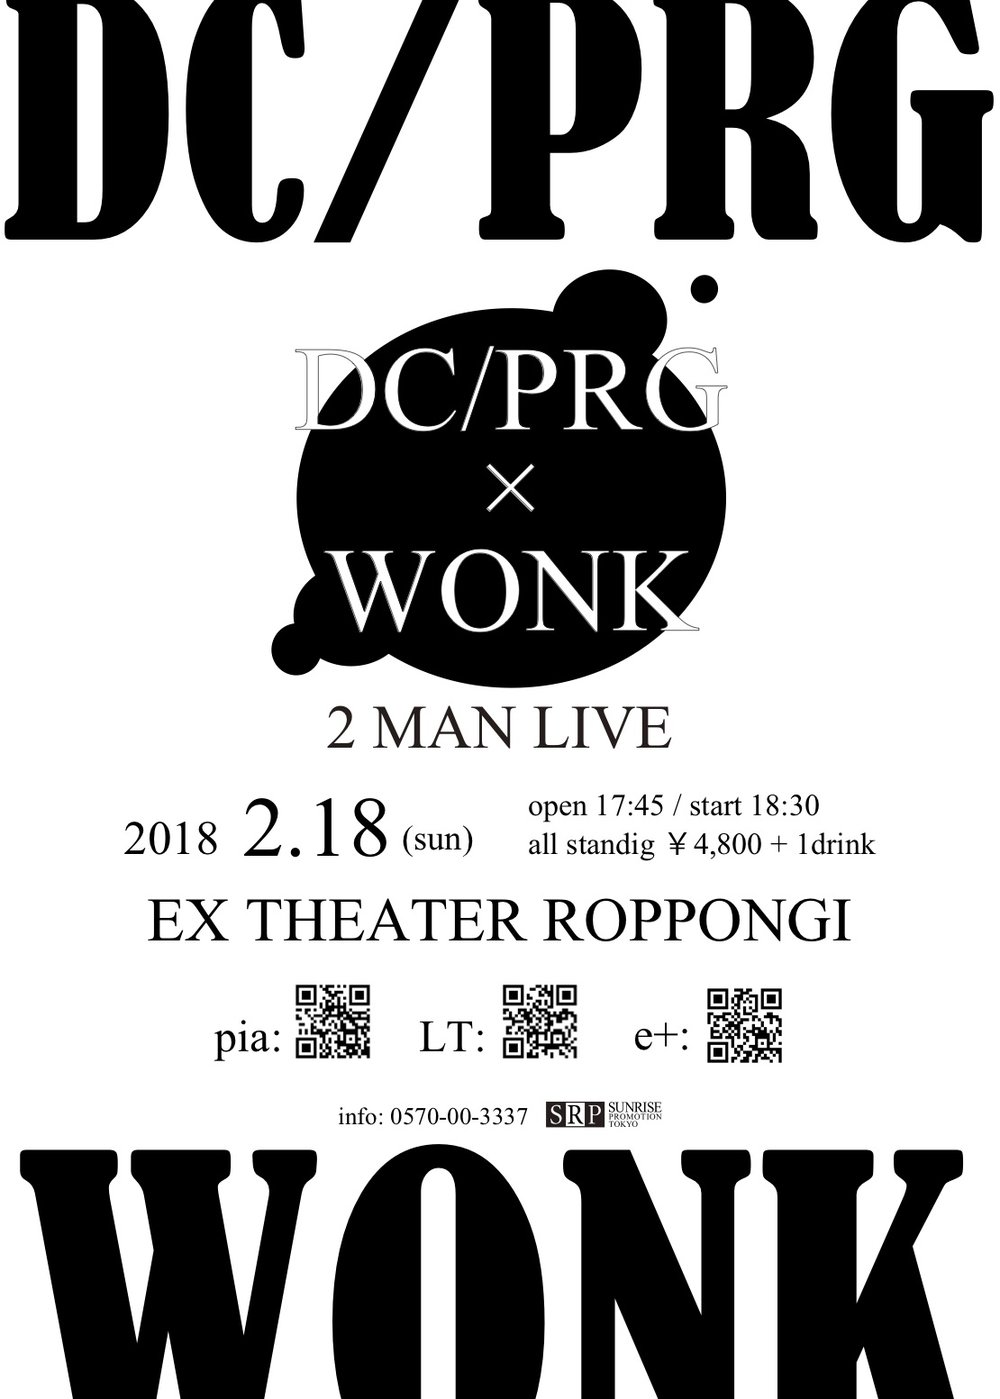 20180218_dcprgwonk flyer.jpg